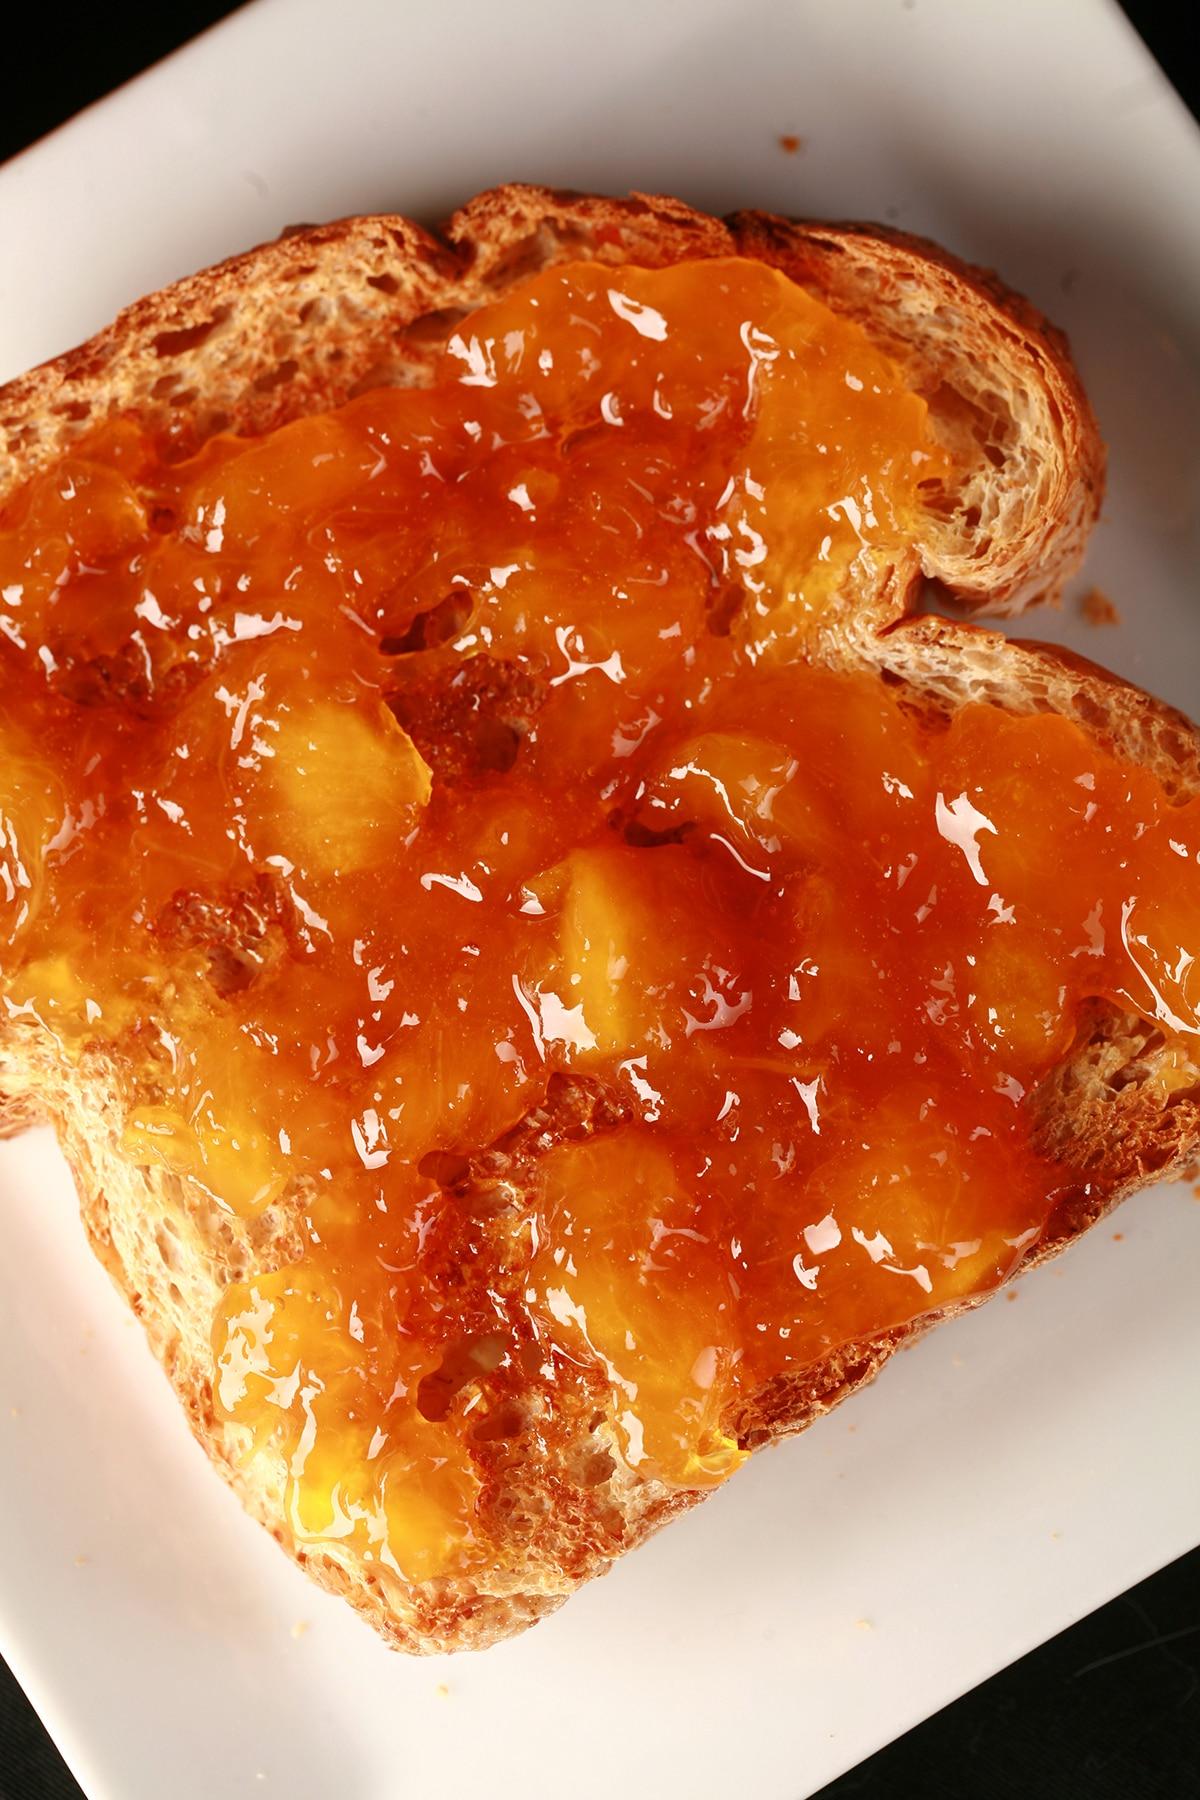 A slice of toast spread with chunky peach jam.